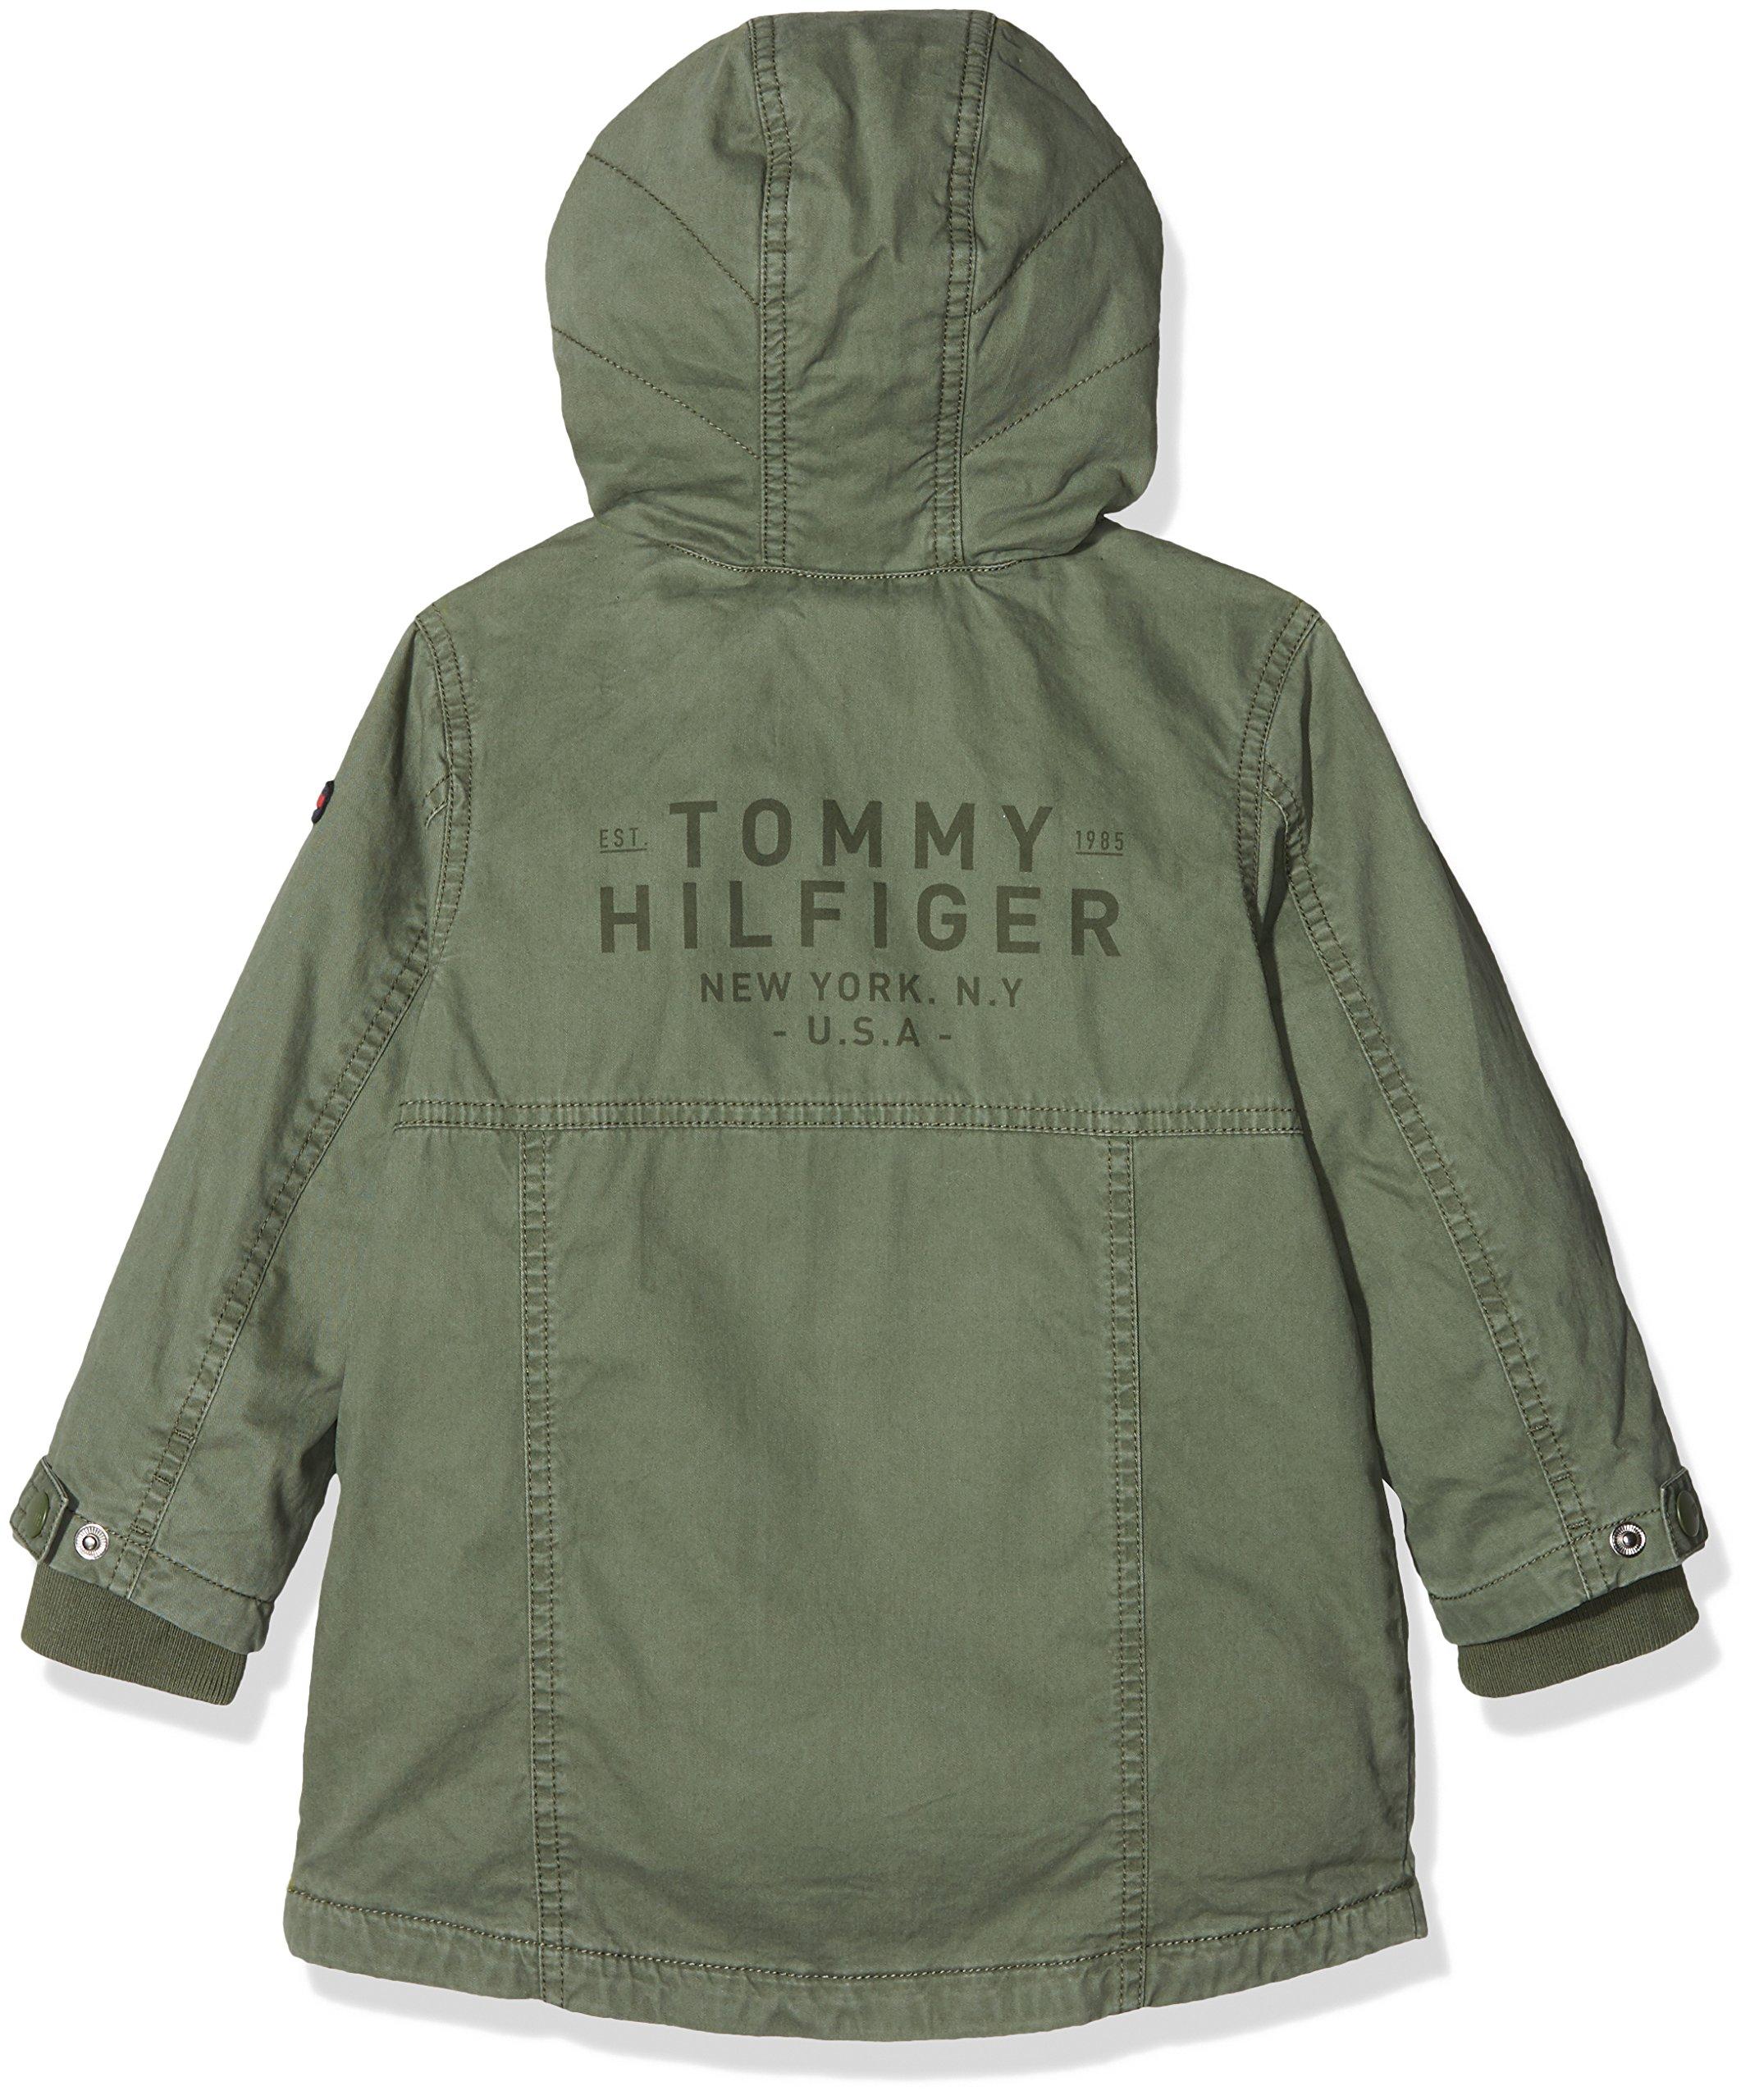 Tommy Hilfiger Chaqueta para Niños